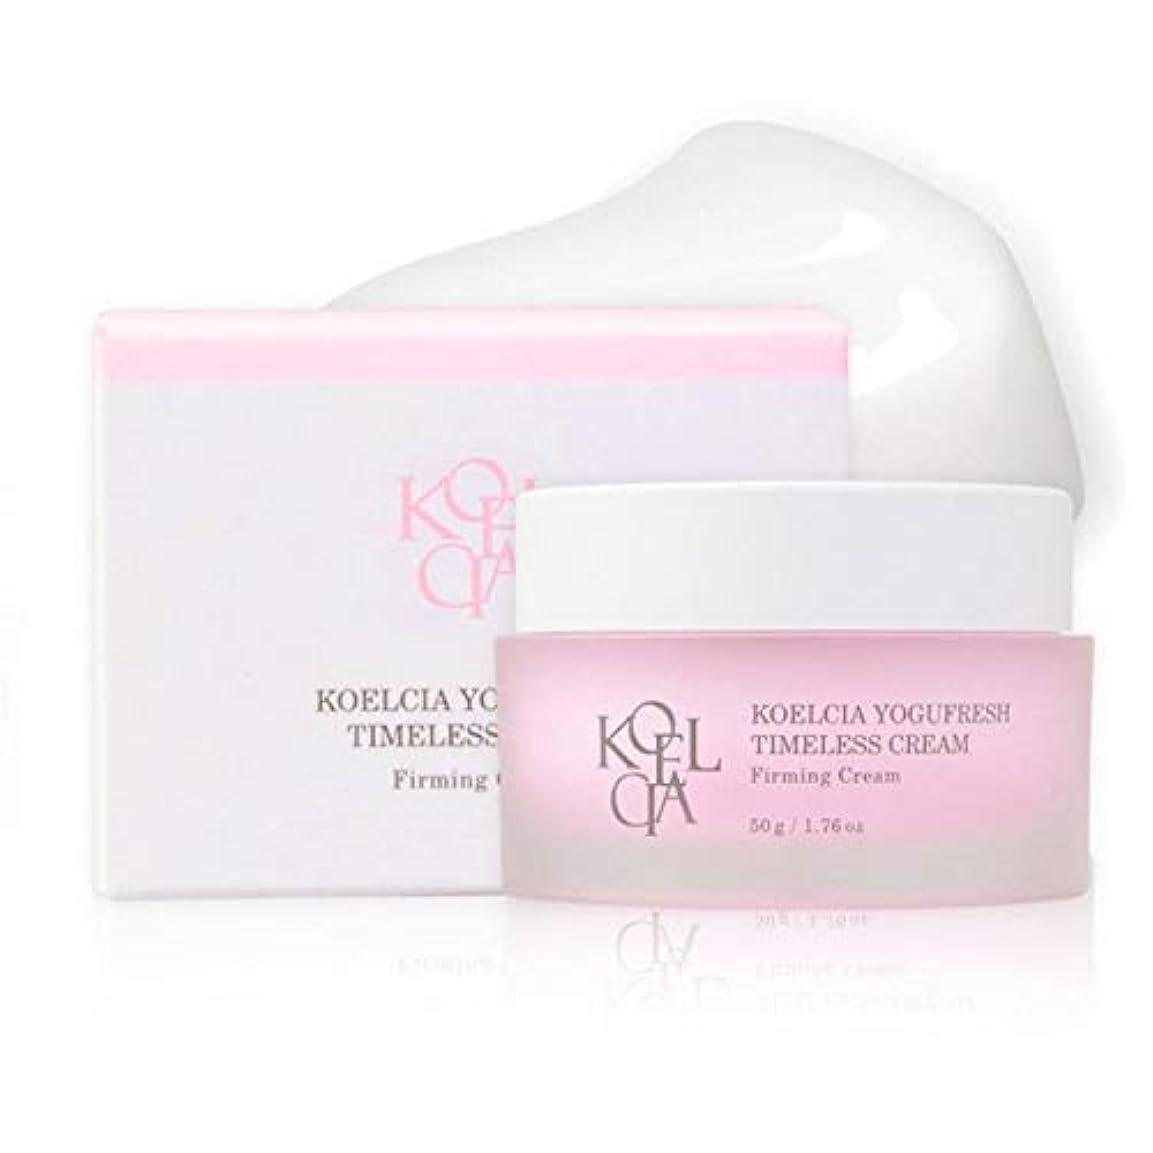 コンデンサーあさり空洞[KOELCIA] YOGUFRESH TIMELESS CREAM 50g/Most Hot K-Beauty Firming/Wrinkle Care Cream/Korea Cosmetics [並行輸入品]